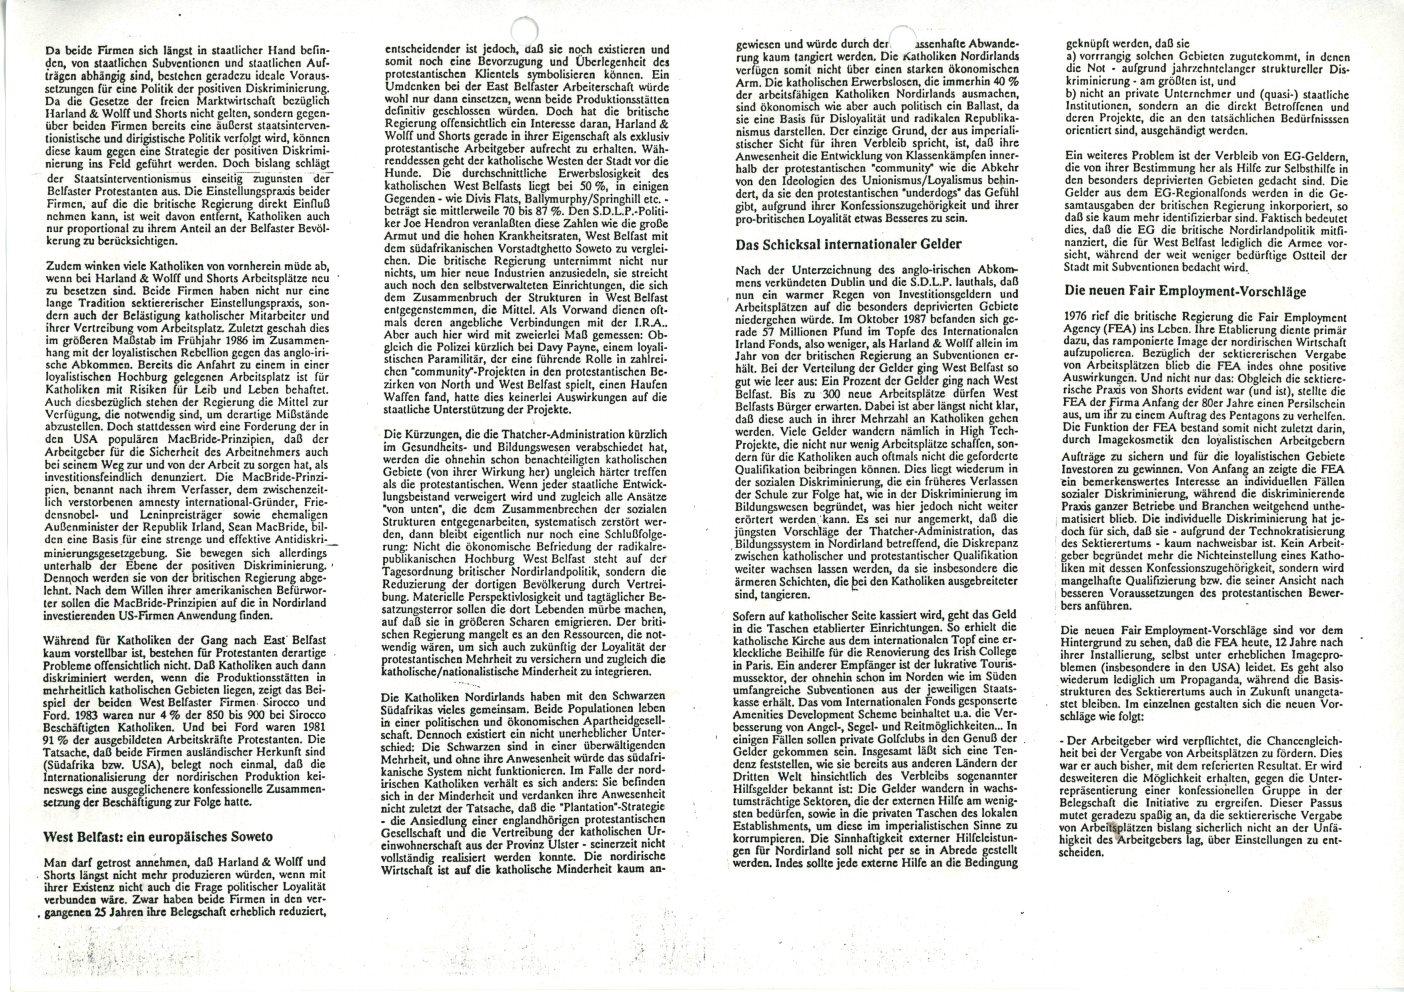 Freiburg_Nordirland_Reader_1988_13